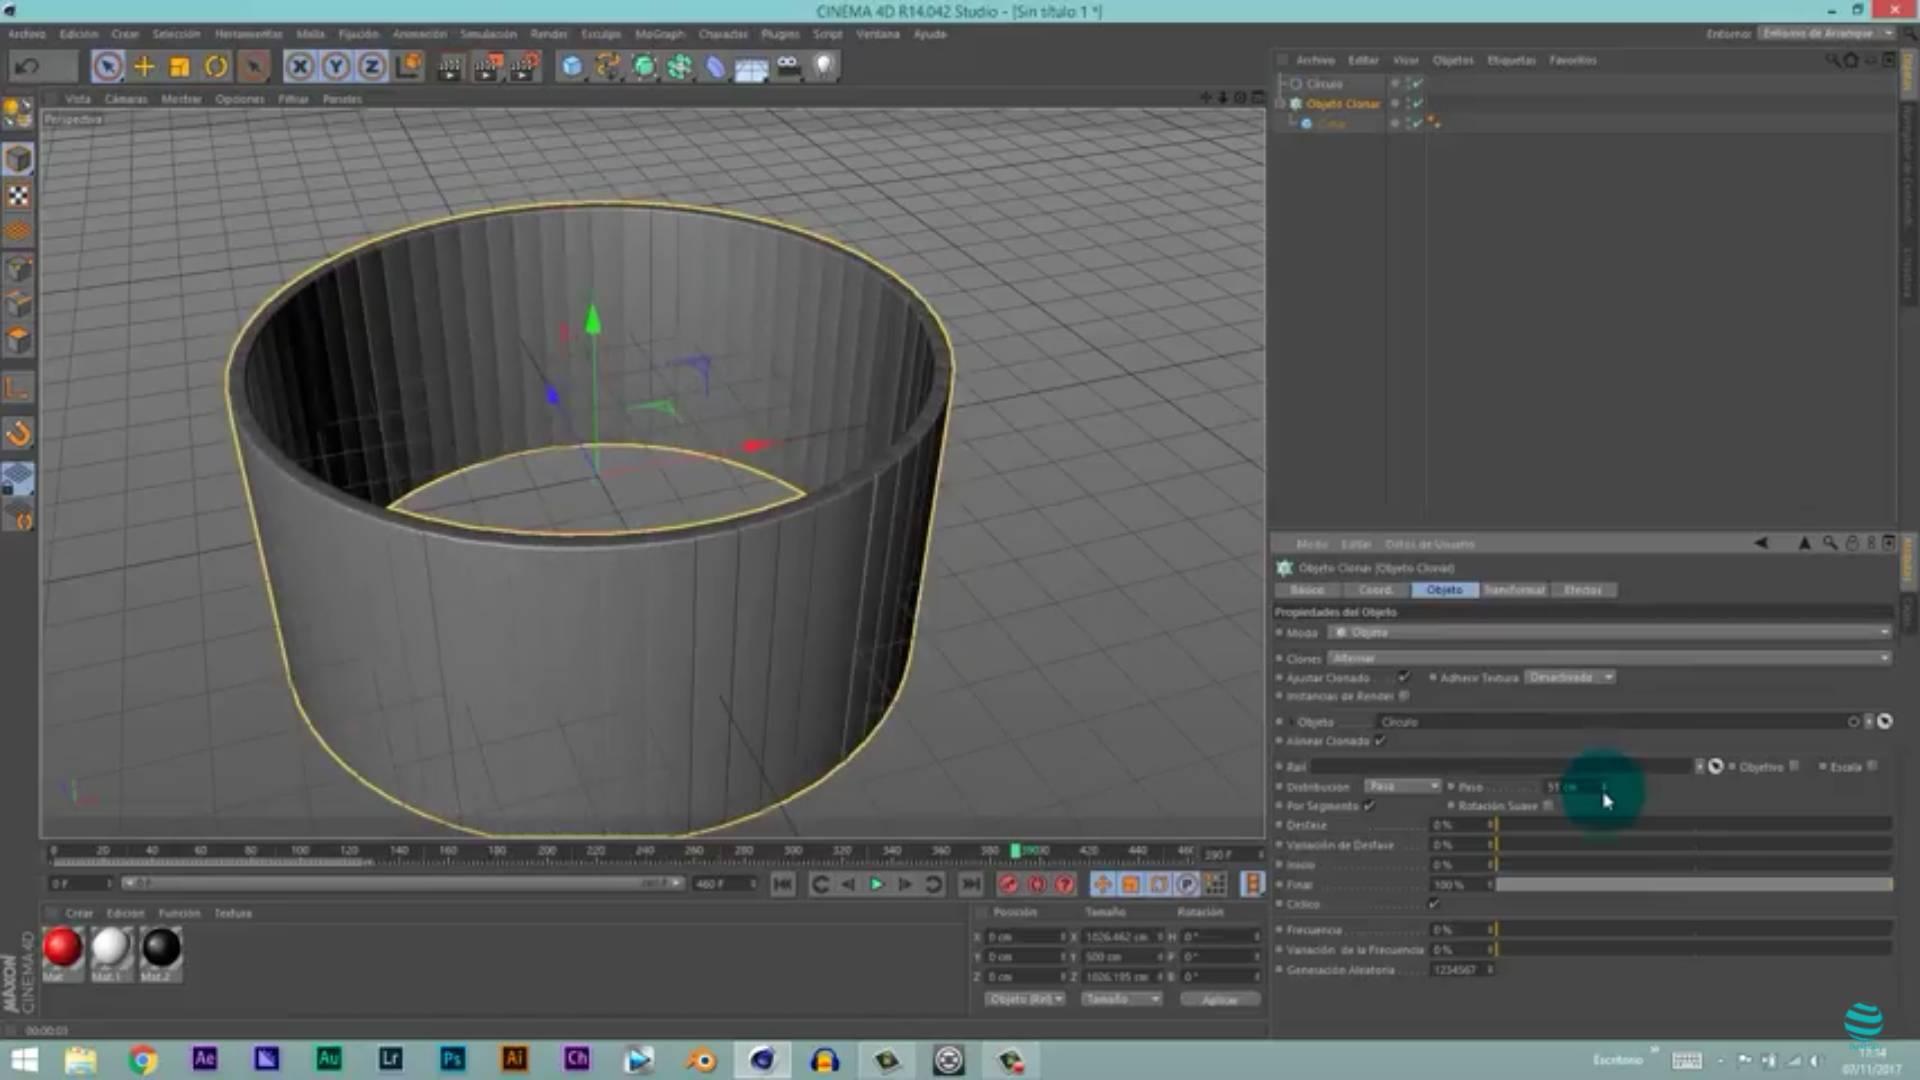 Tutorial para elaborar animaciones sonorizadas